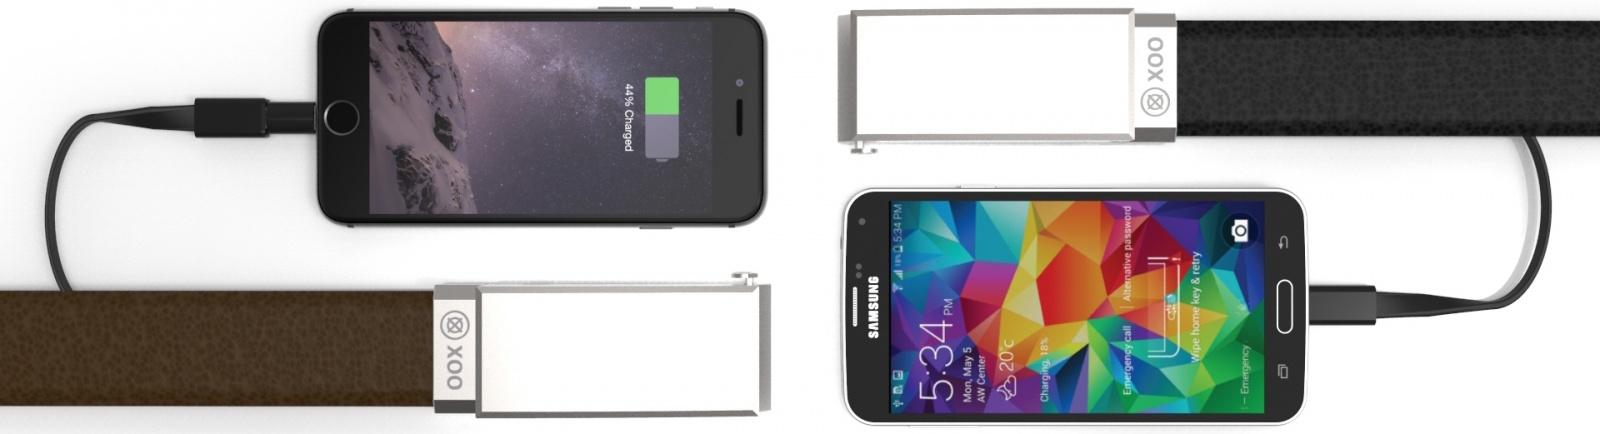 XOO Belt от Nifty: держит брюки и заряд смартфона - 1